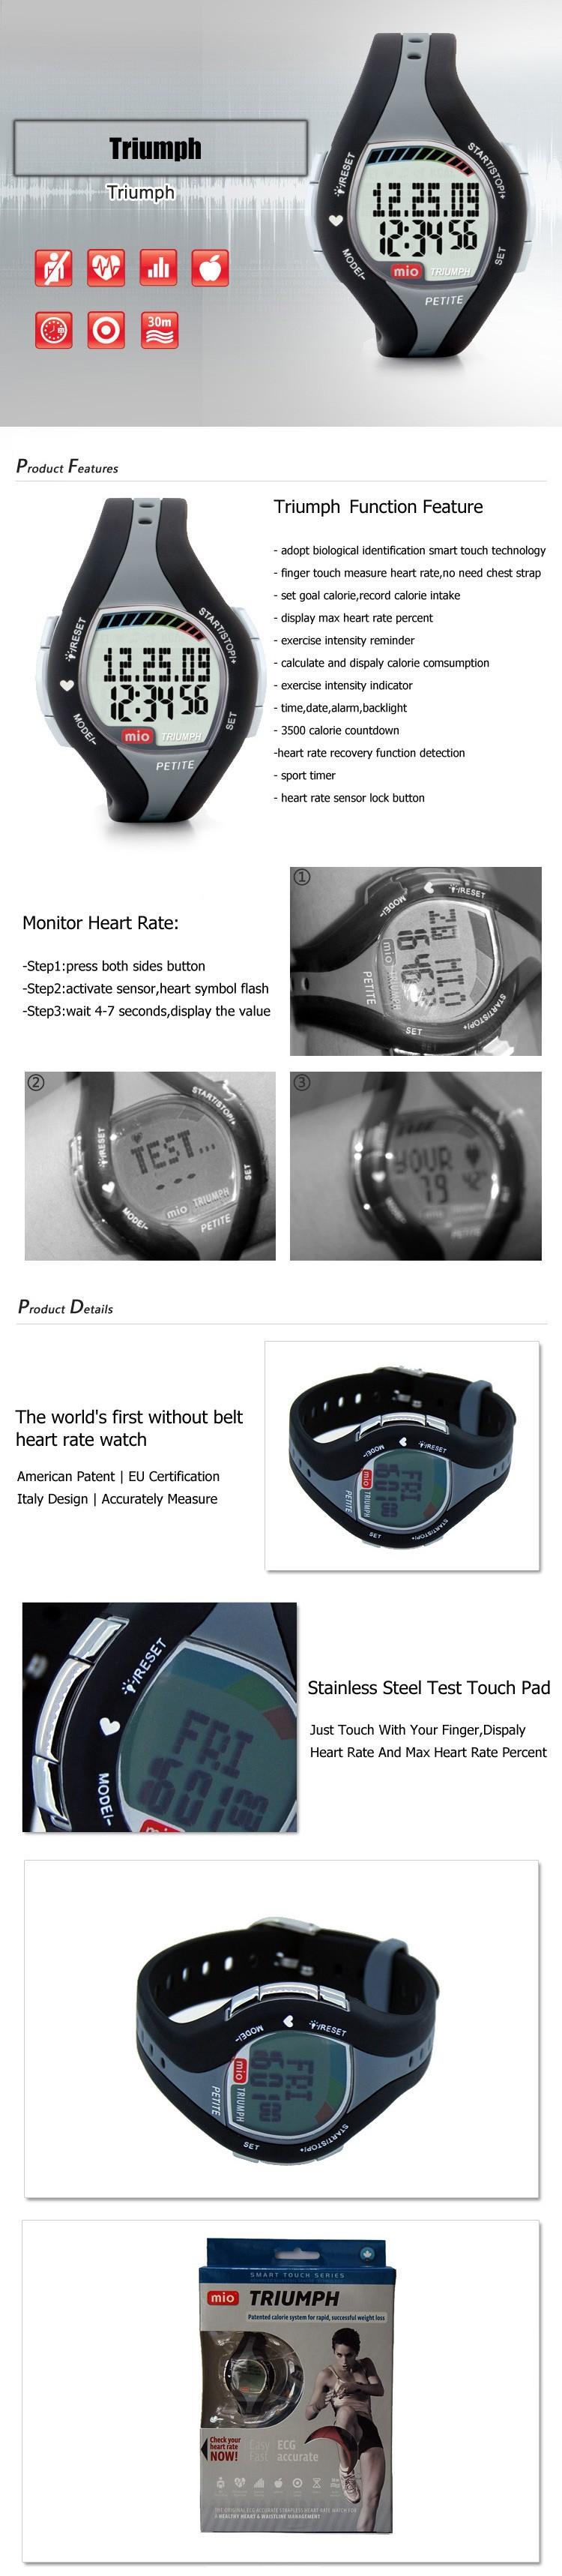 Mio Триумф без кардиопередатчик, палец сенсорный монитор сердечного ритма часы Американский Патент, ЕС Сертификации, Италия дизайн